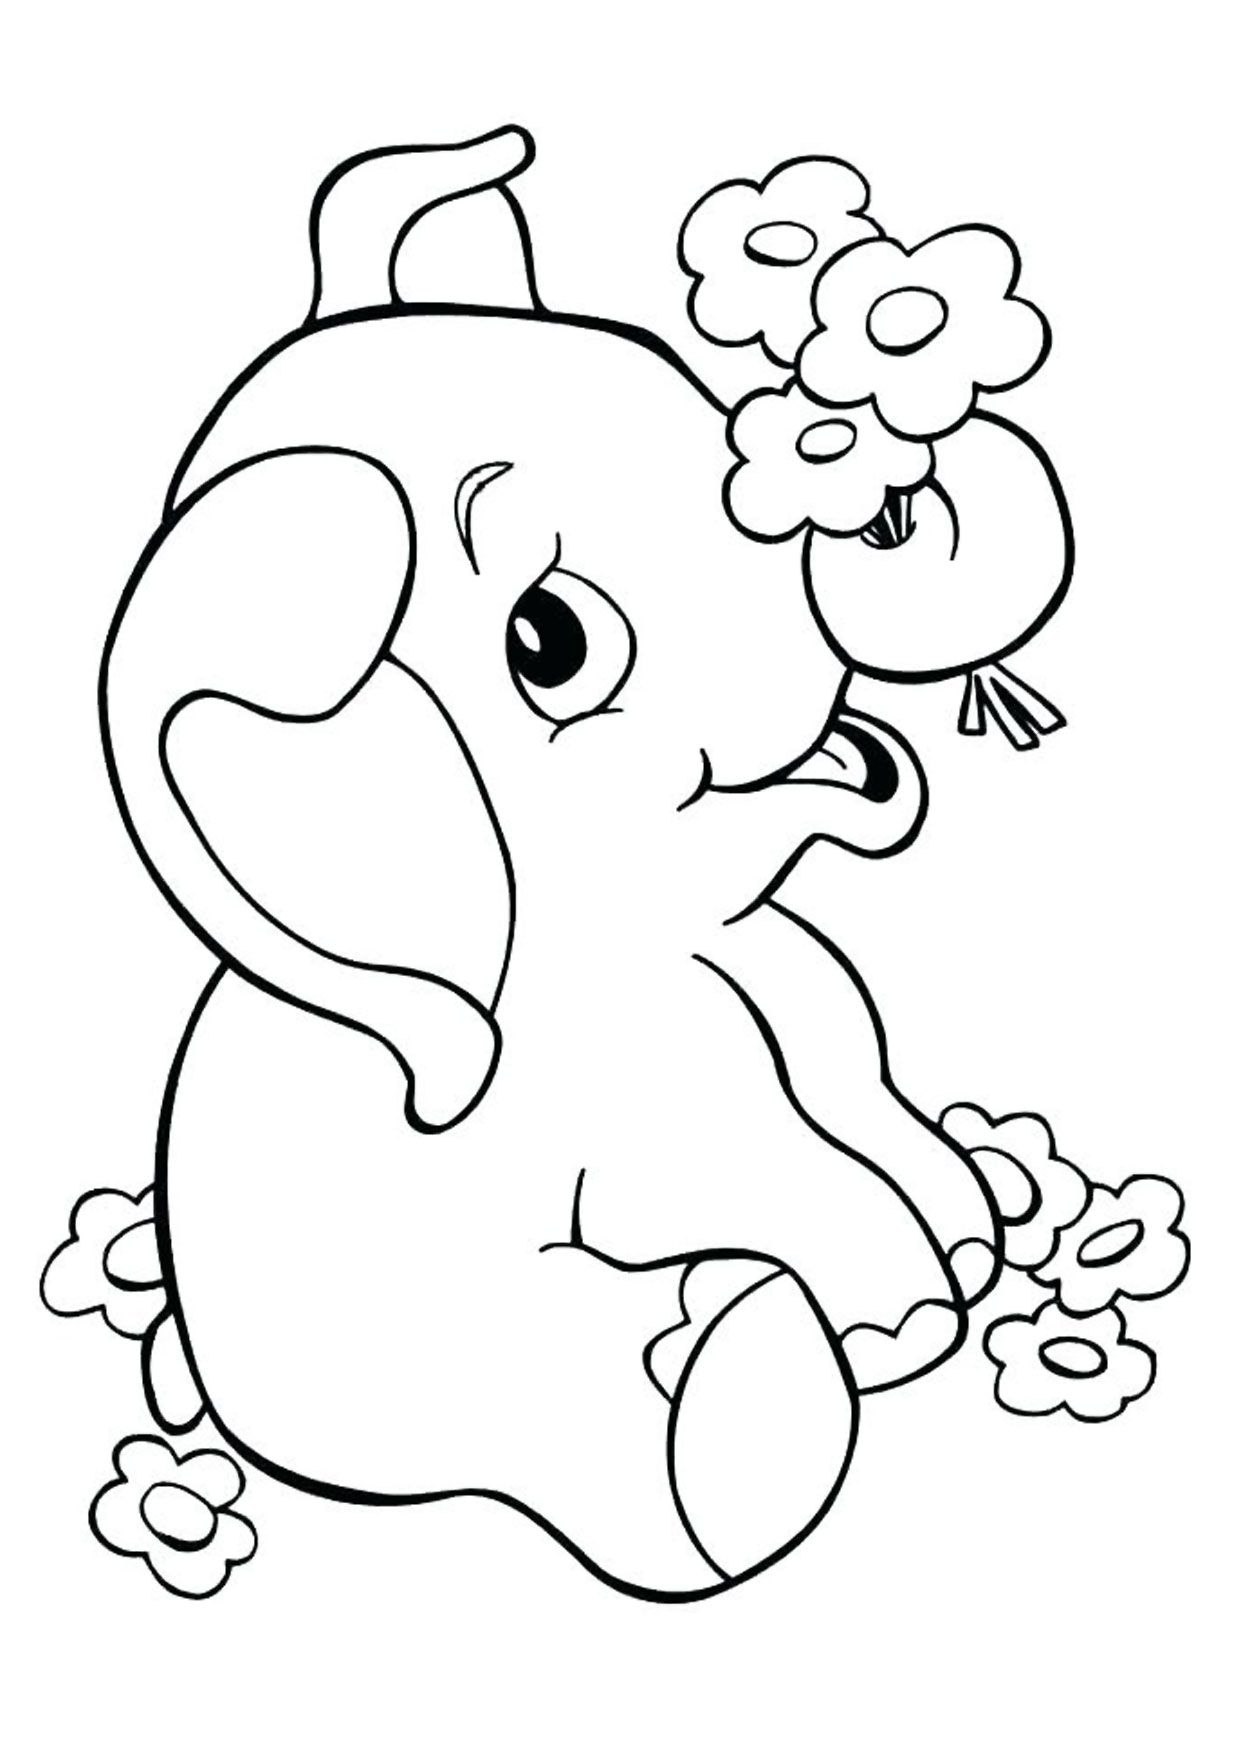 45 Disegni Di Elefanti Da Colorare Disegni Elefante Bambini Da